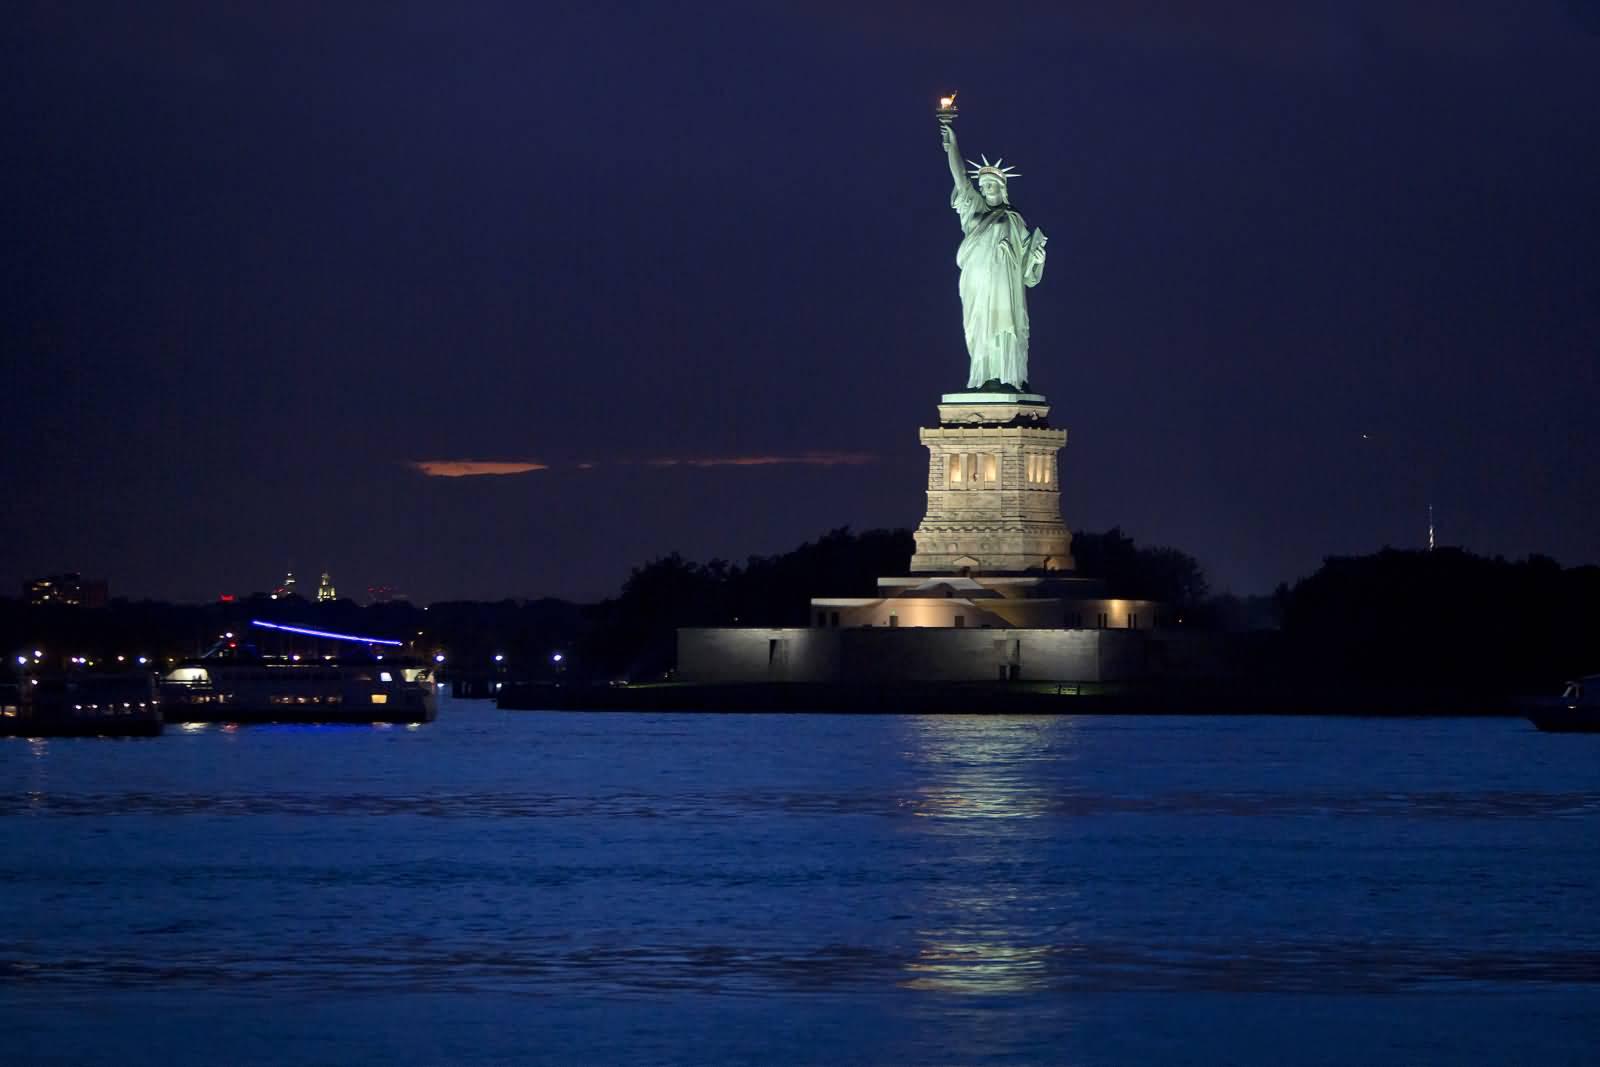 statue of liberty night - photo #14